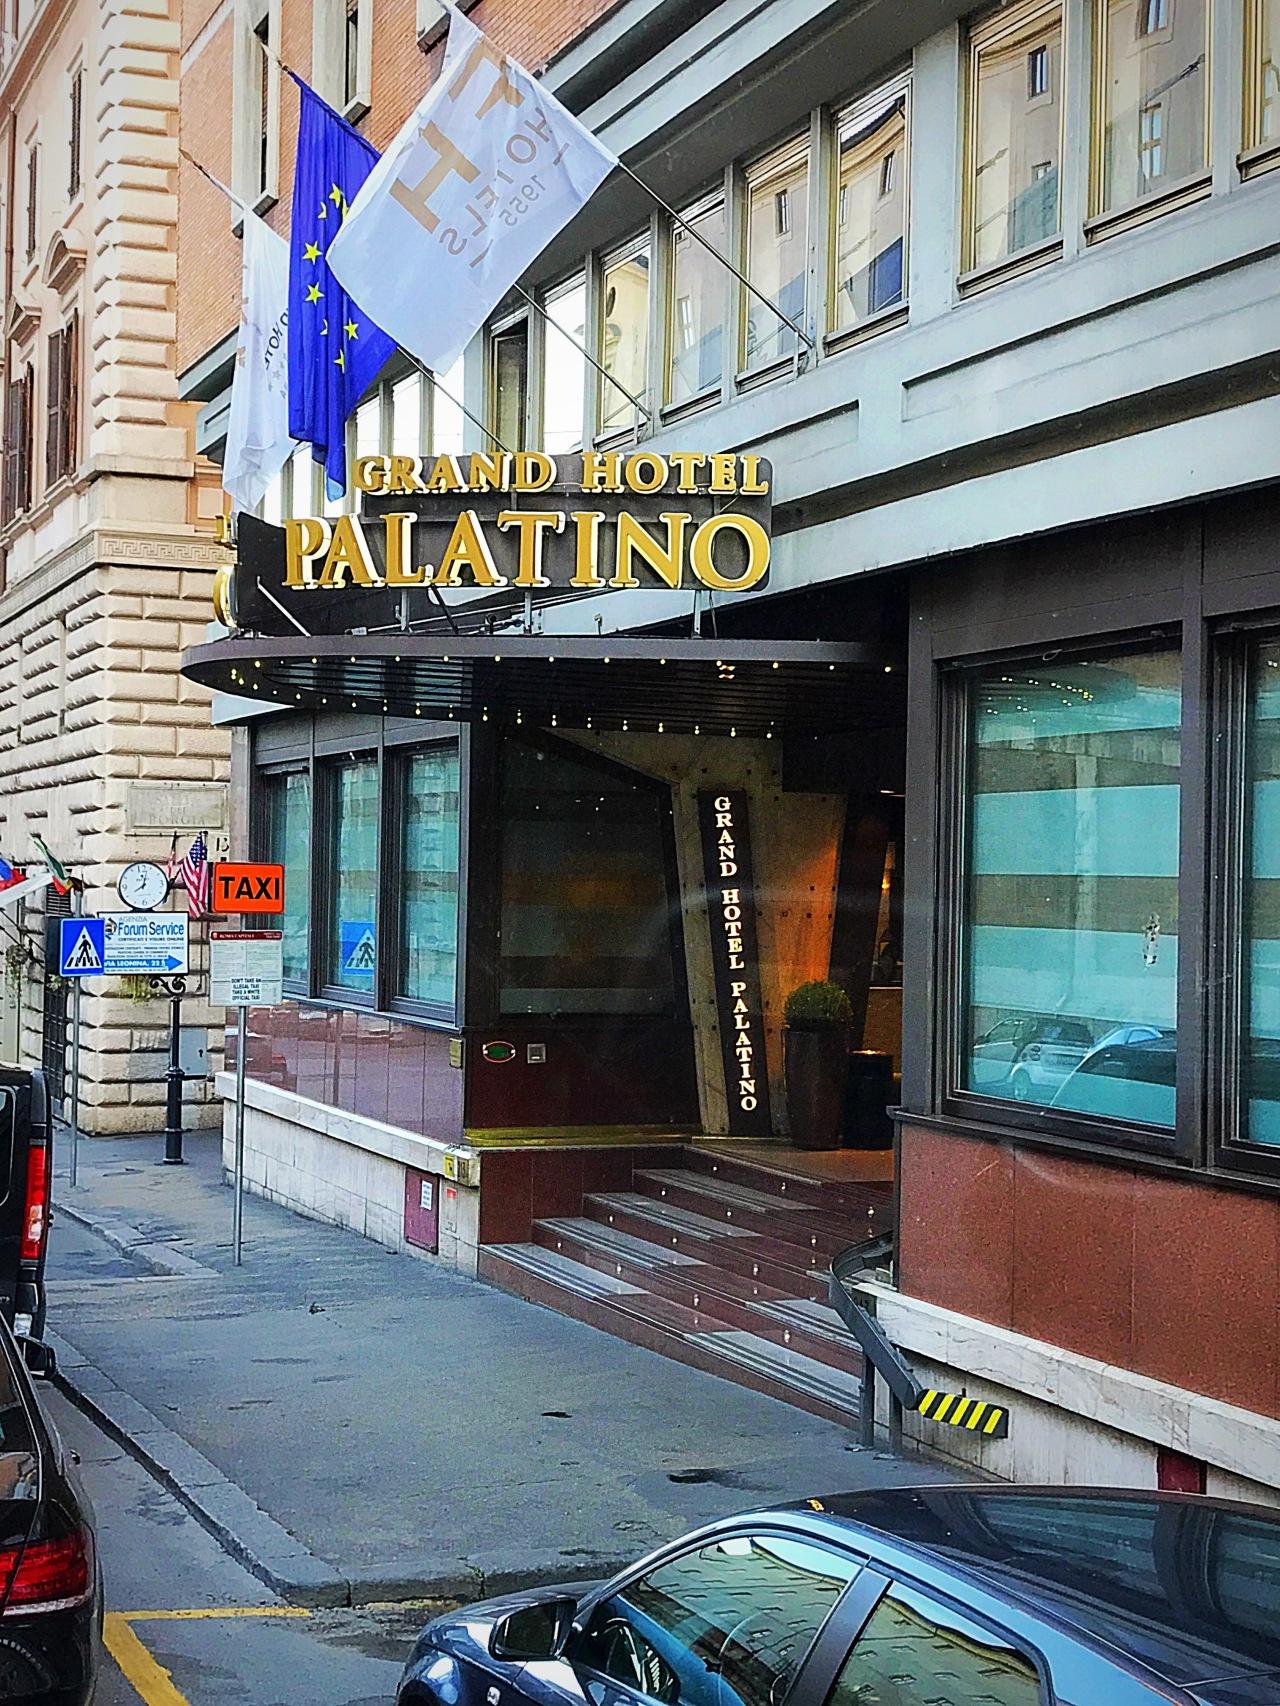 """SANITA'. CORONAVIRUS, DIRETTORE HOTEL PALATINO A ROMA: SITUAZIONE TRANQUILLA """"NESSUN DIPENDENTE ENTRATO IN CONTATTO CON LA COPPIA TURISTI RICOVERATA"""""""